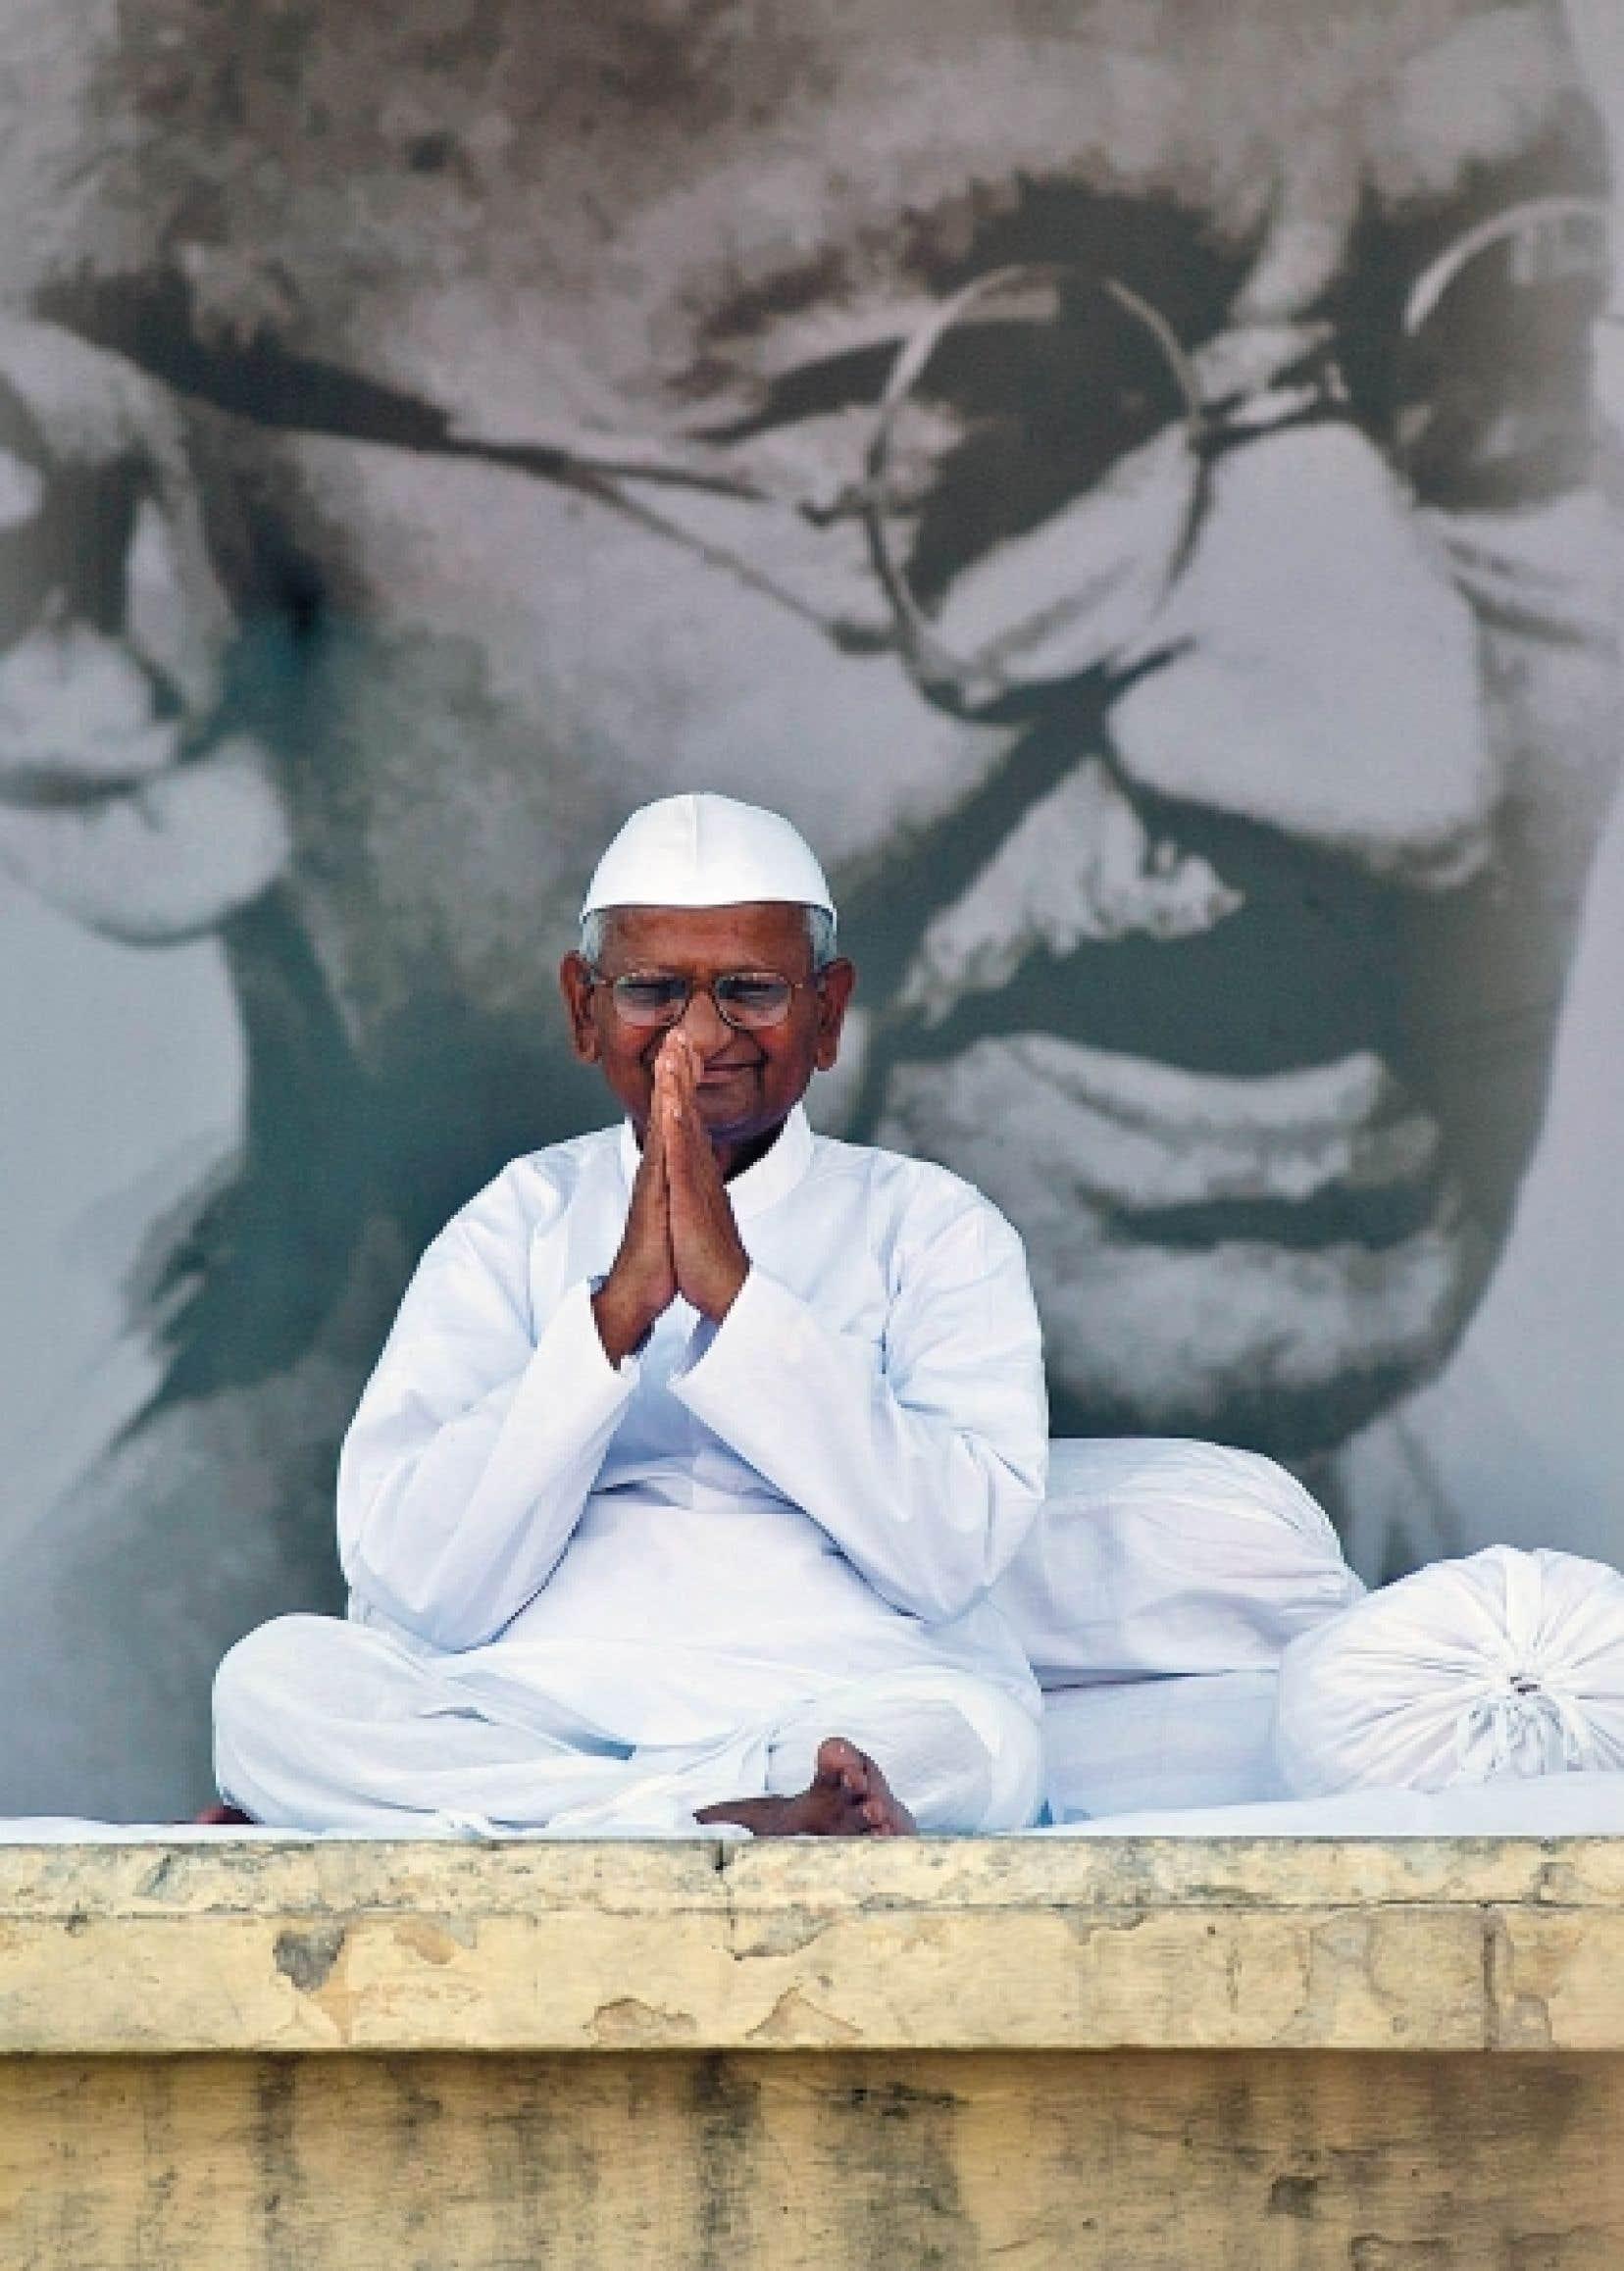 Anna Hazare au cours d'un jeûne de 13 jours qu'il a accompli à New Delhi, fin août, dans le cadre de sa croisade contre la corruption. En arrière-plan, une photo du Mahatma Gandhi.<br />